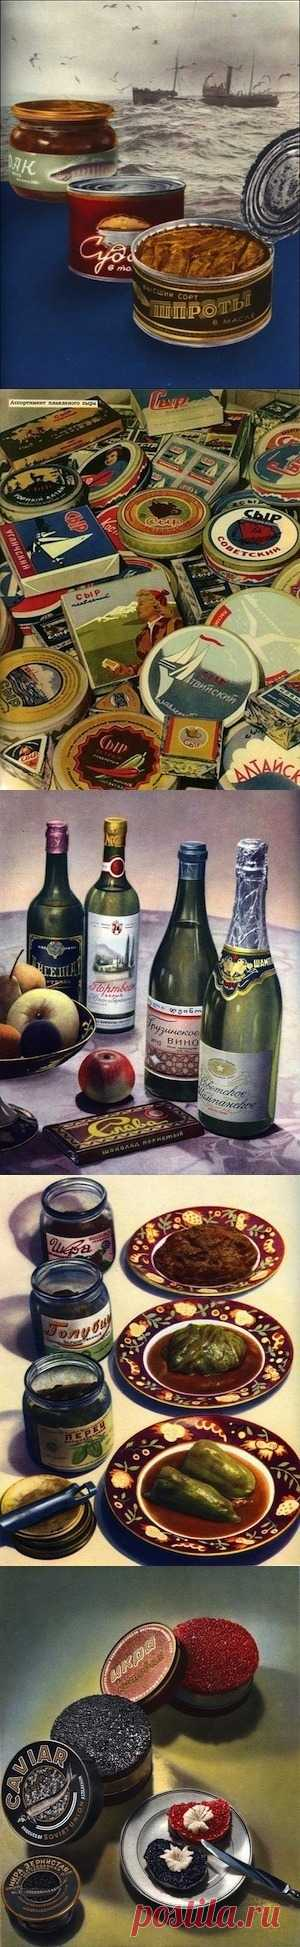 La publicidad de la comida de la época soviética :)